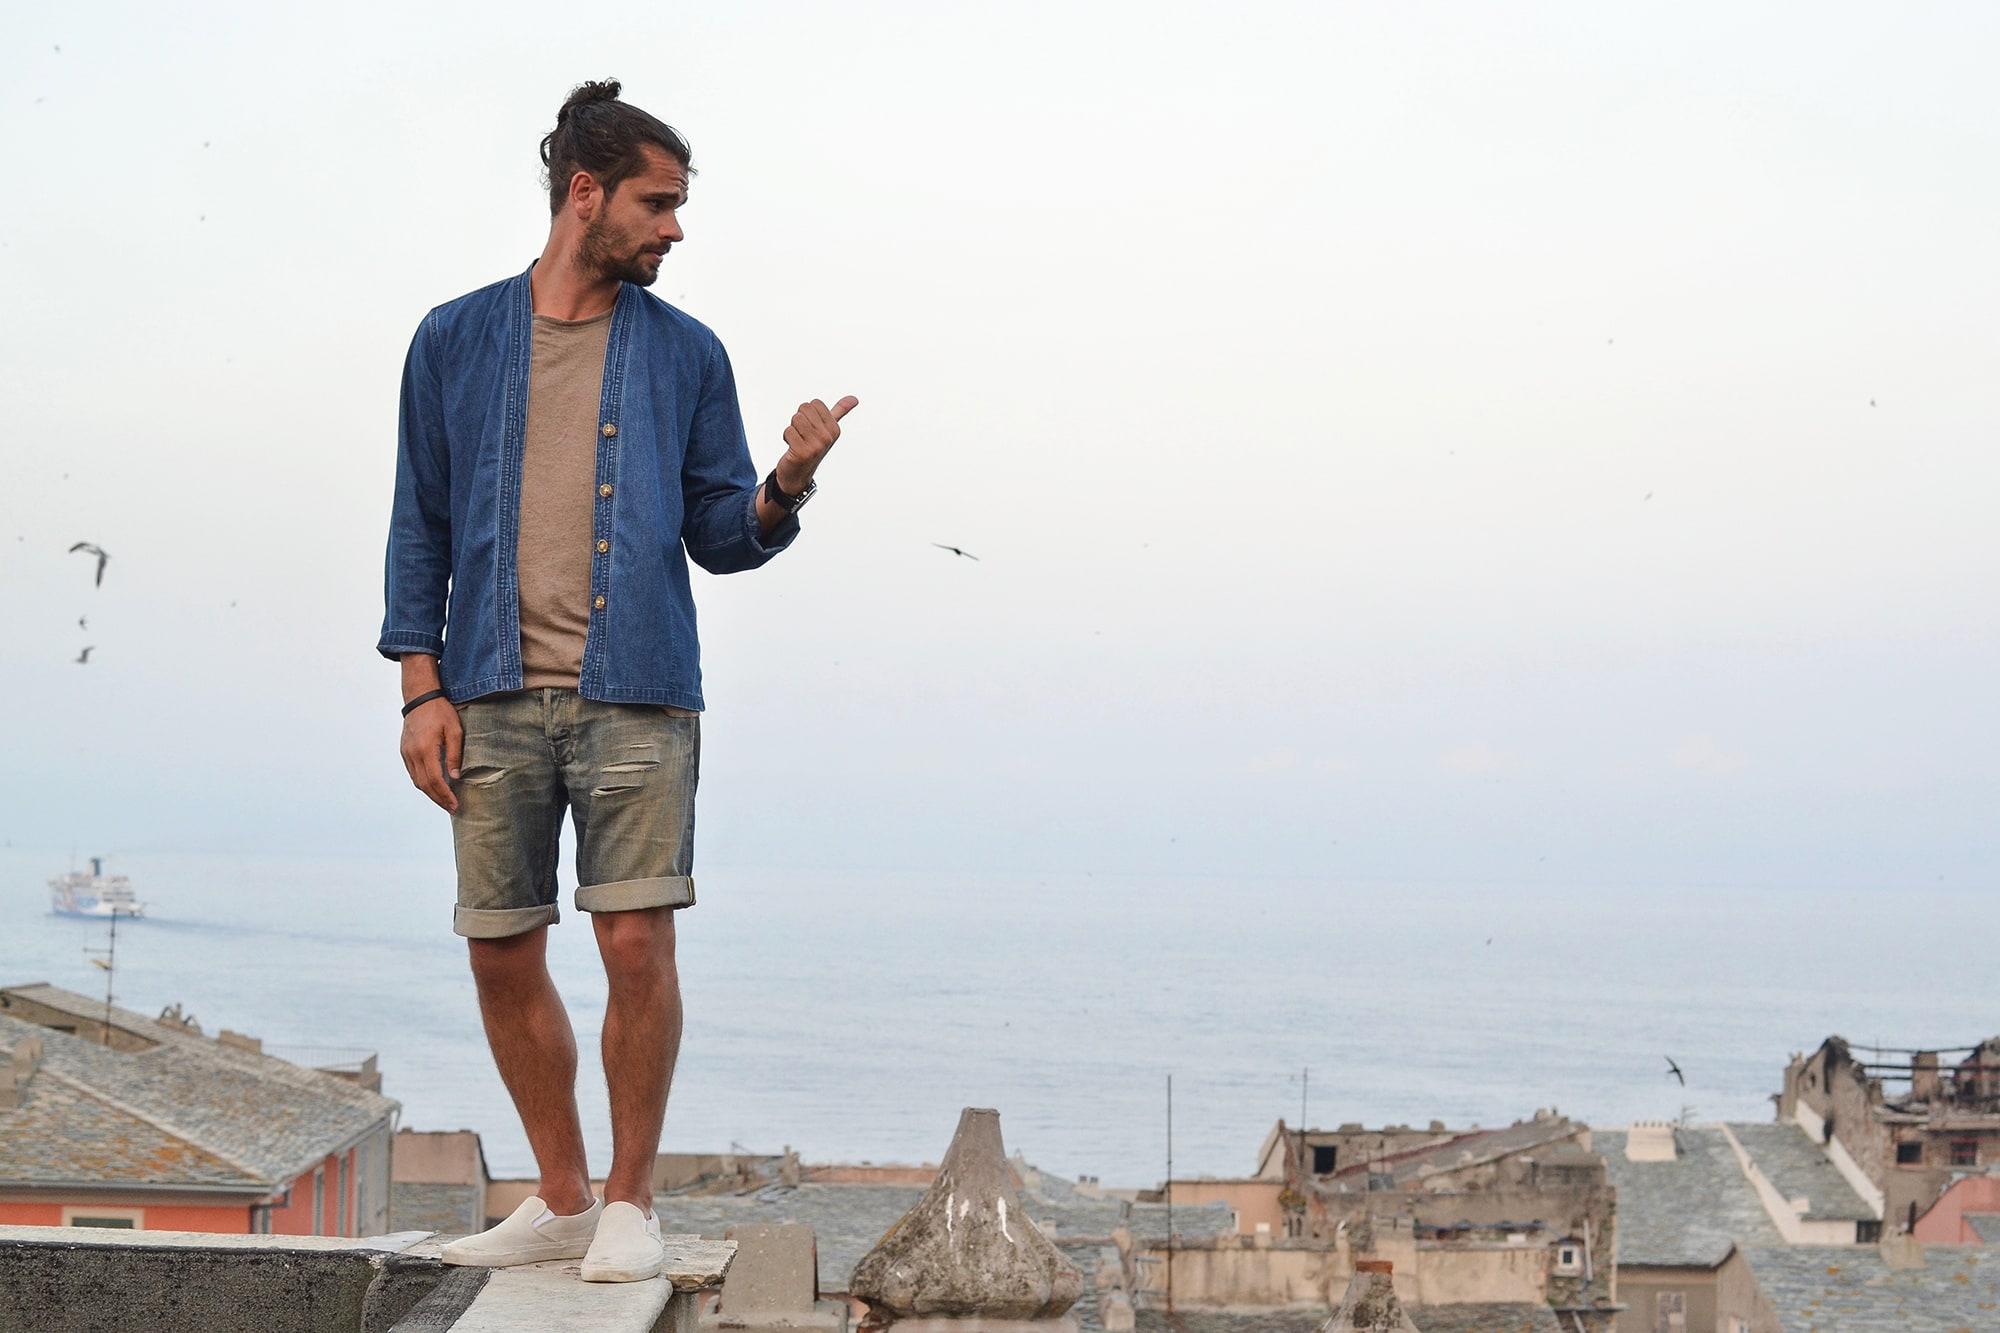 Une tenue d'été pour chiller à Bastia en vacances